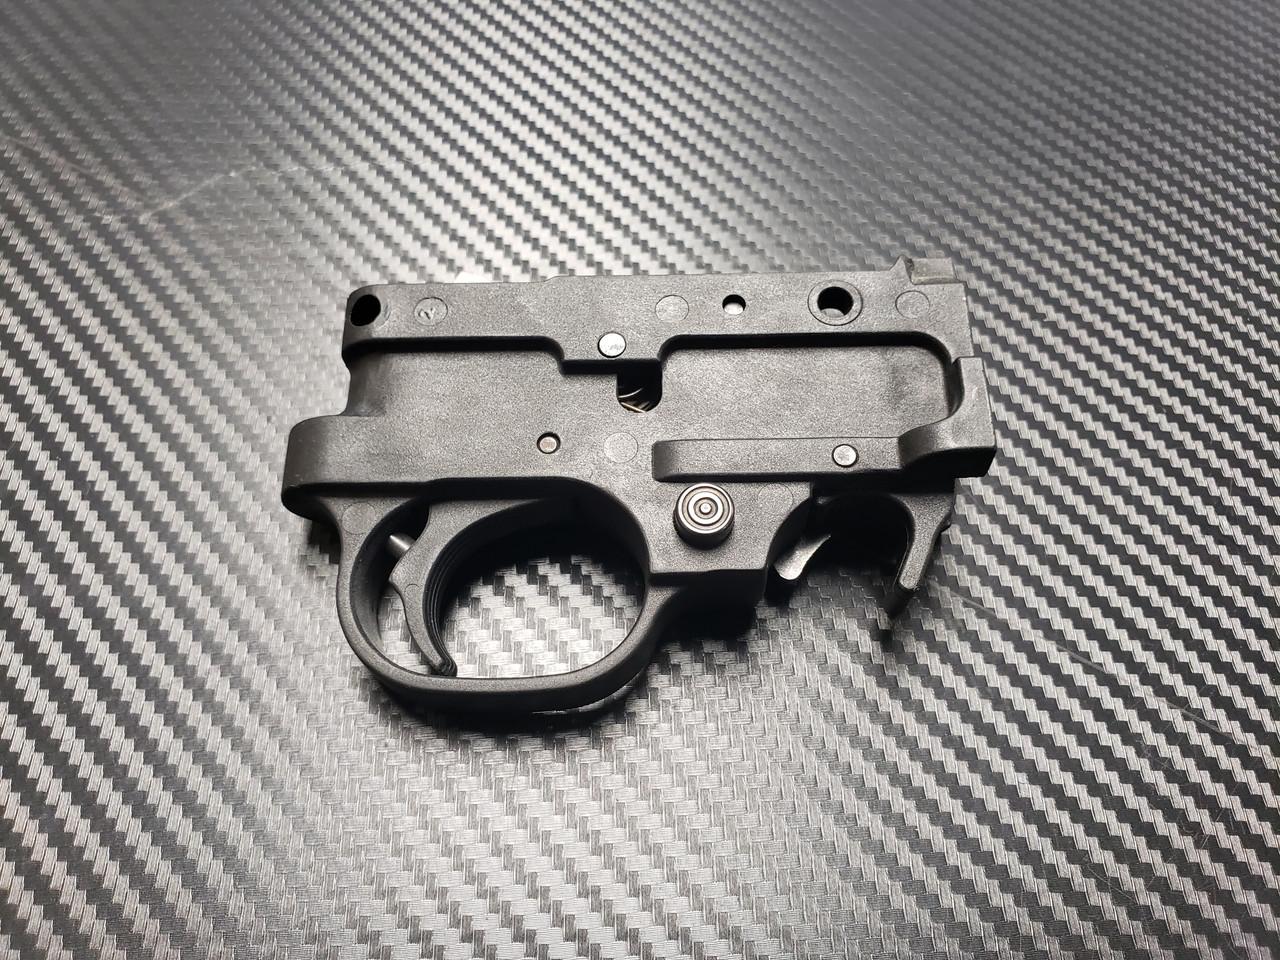 Tier 3 (Basic) Ruger 10/22 Trigger Work